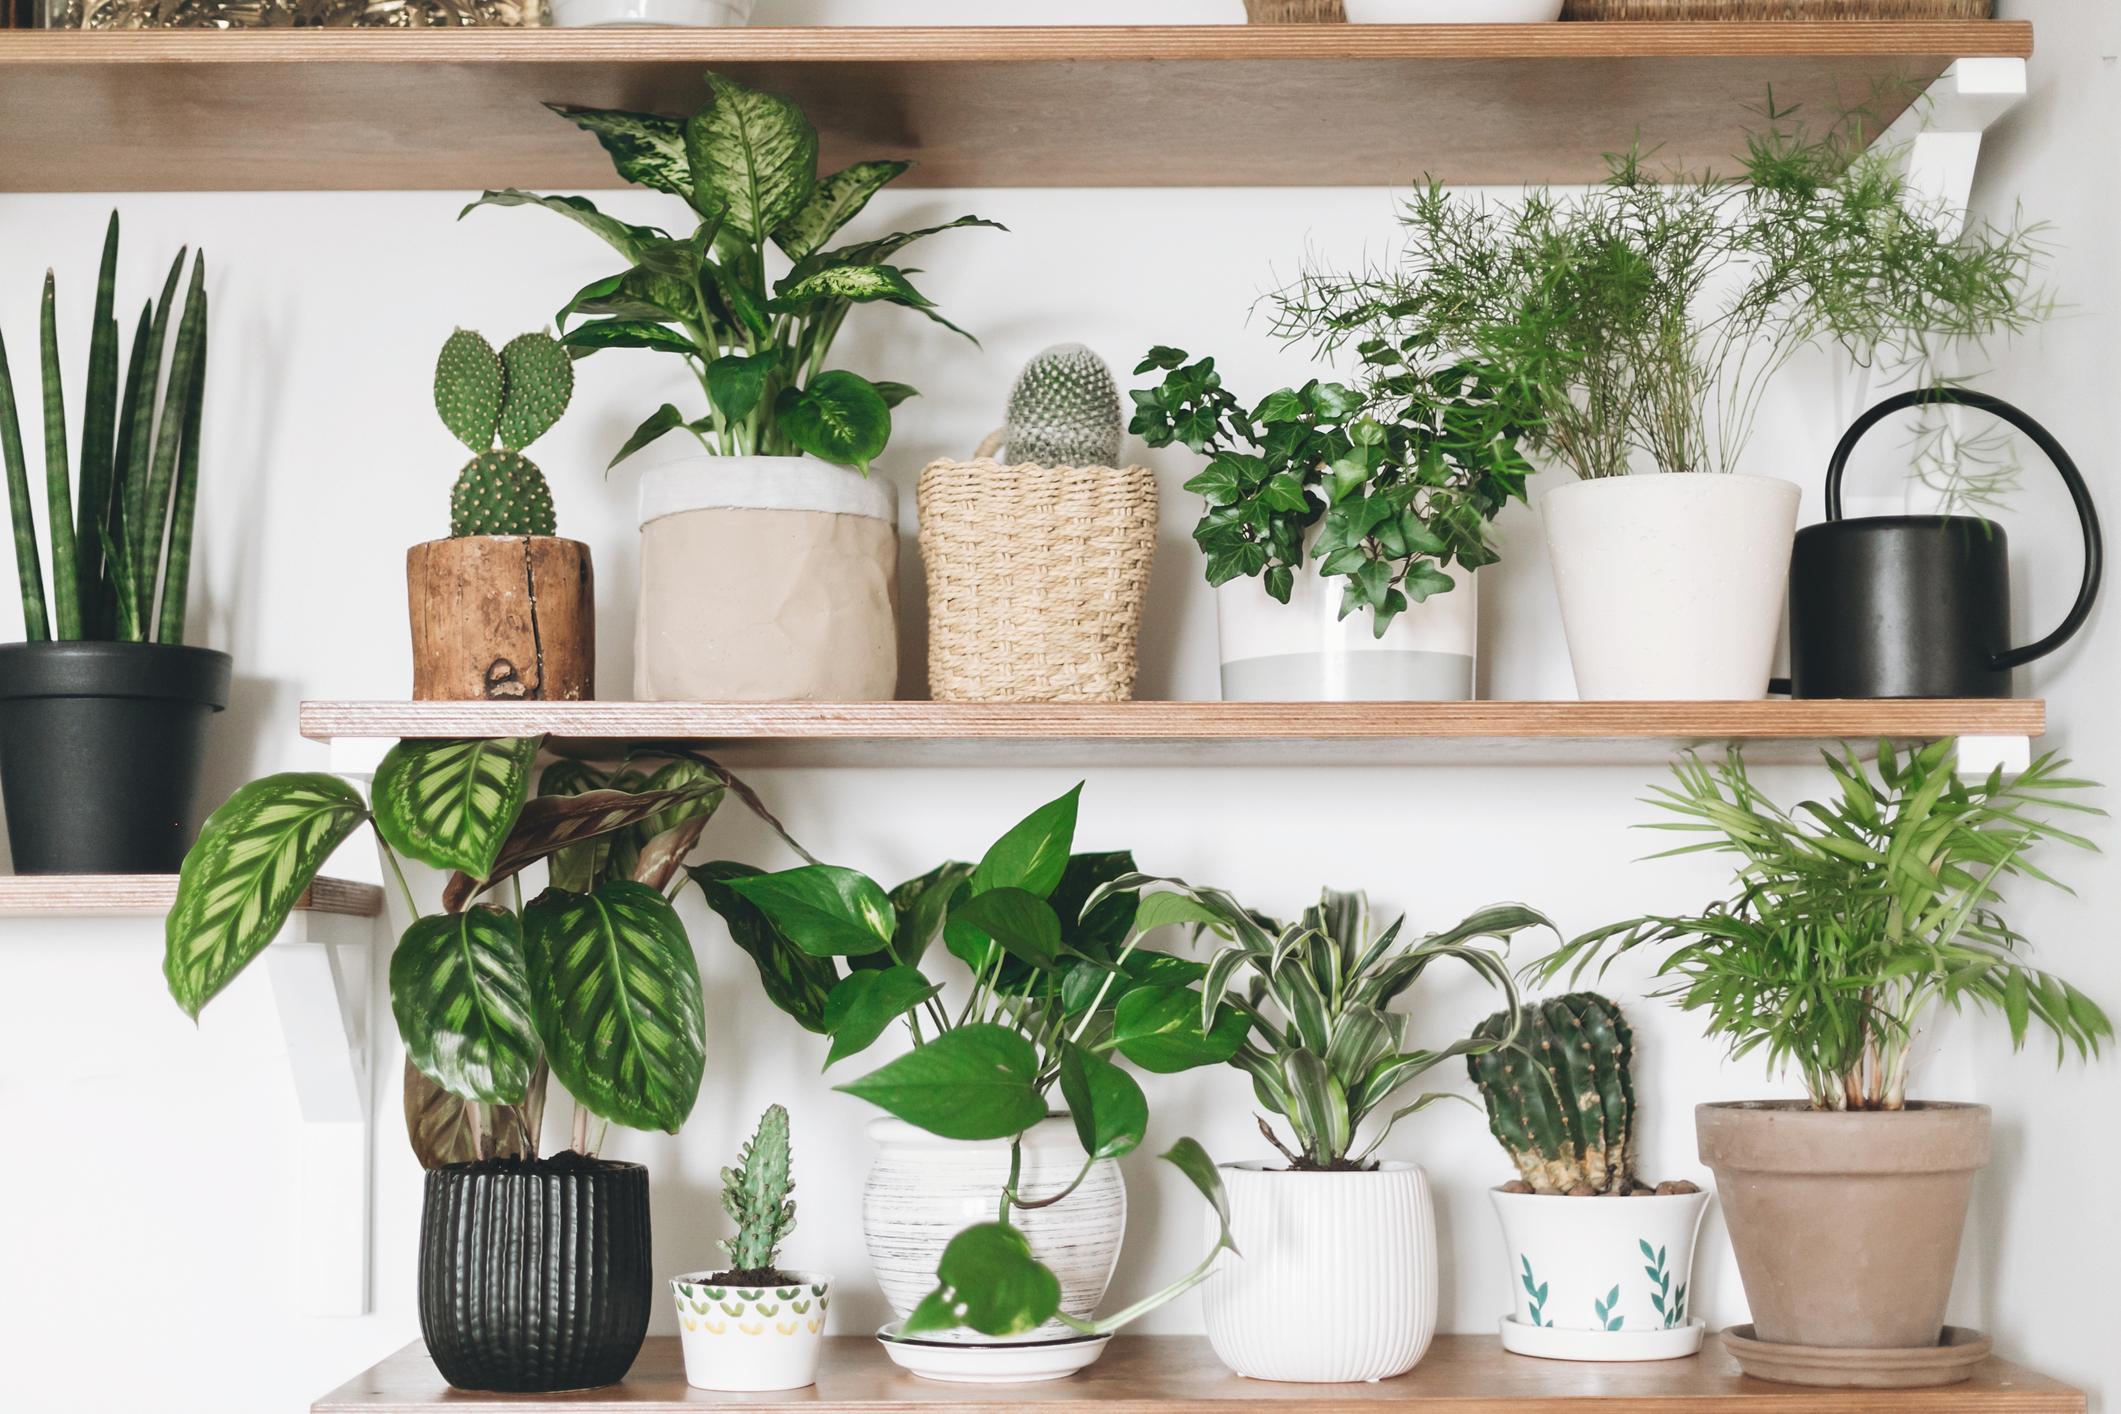 duurzaam interieur met planten